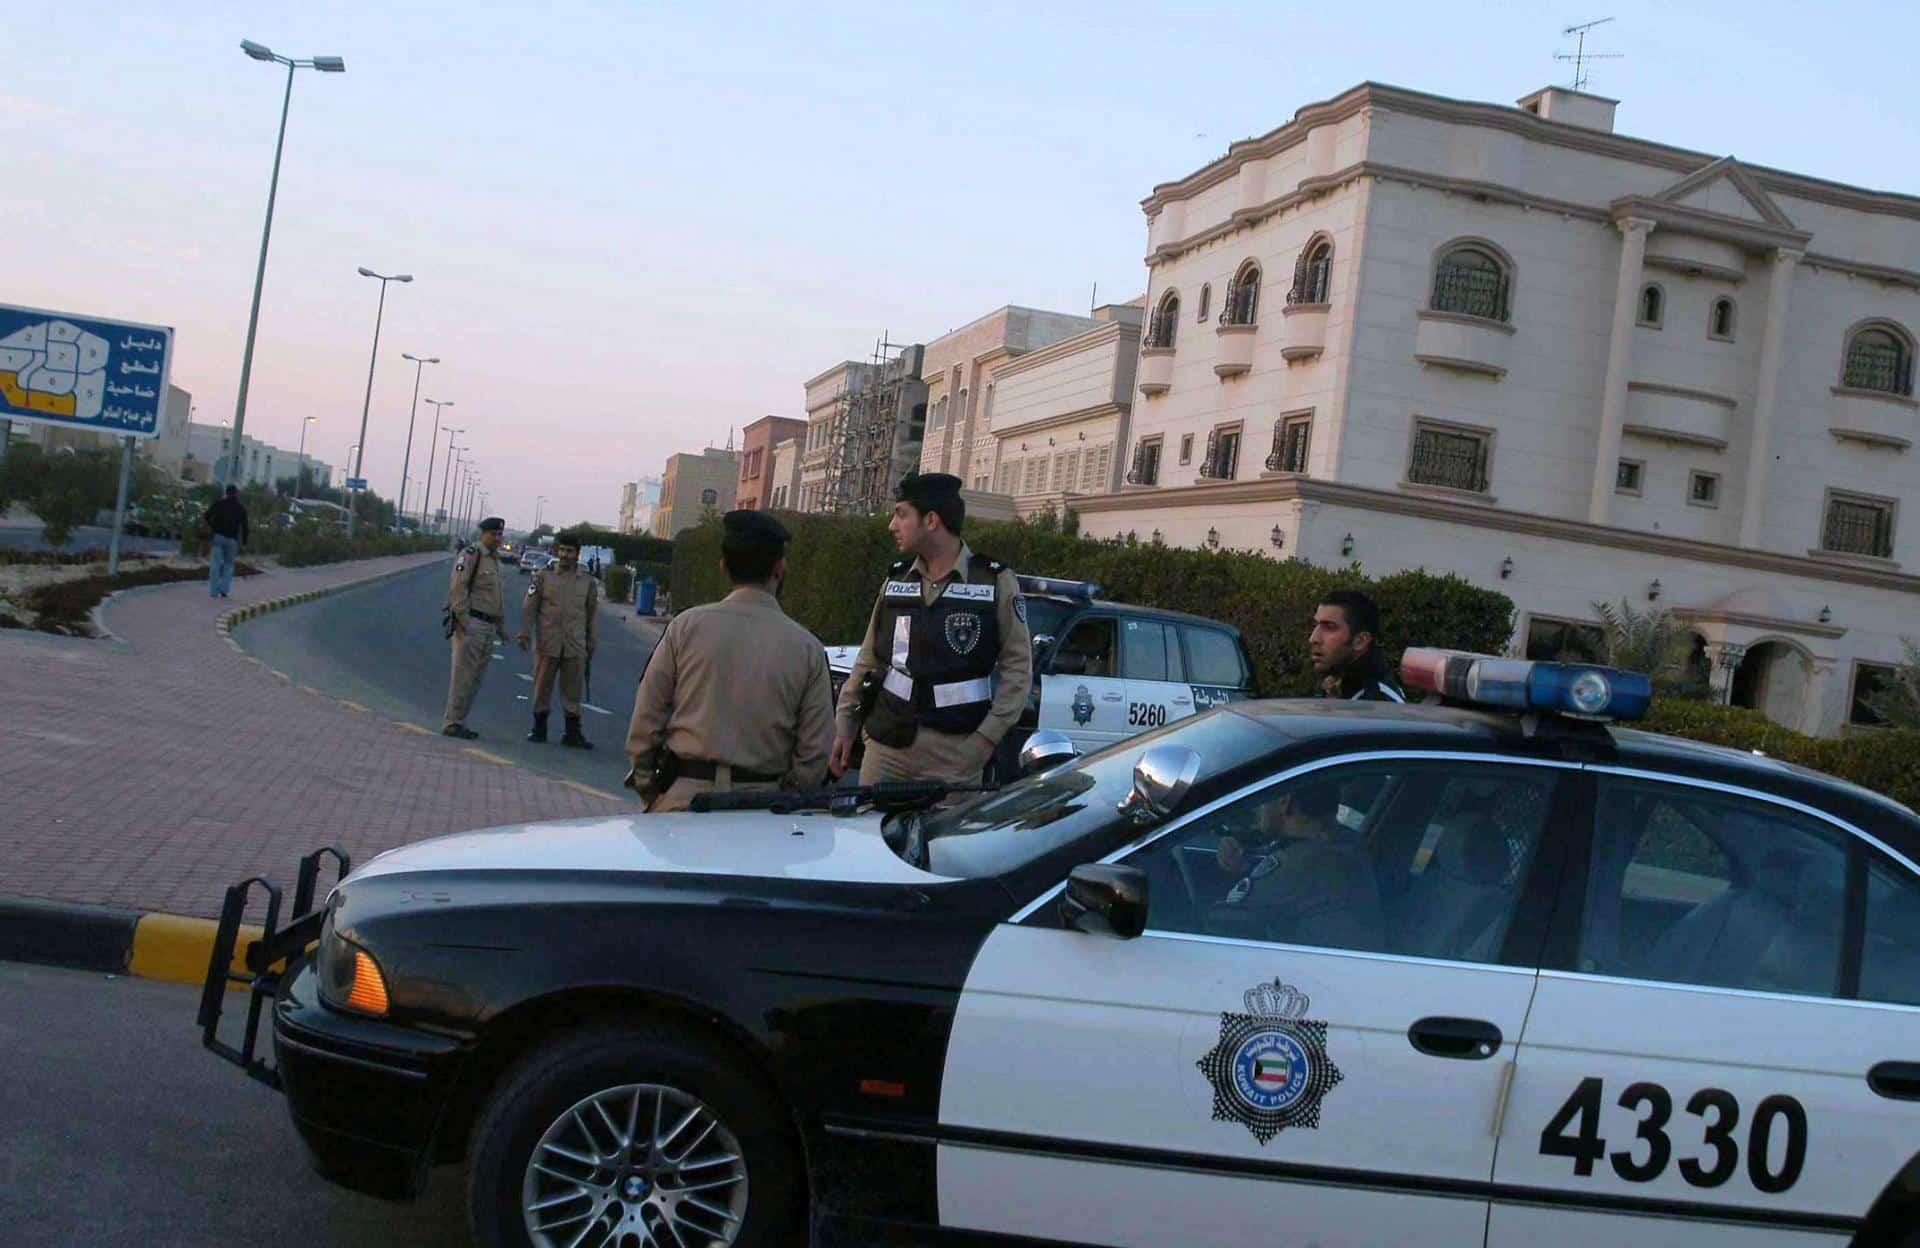 الشرطة الكويتية تحقق في جريمة سلوى